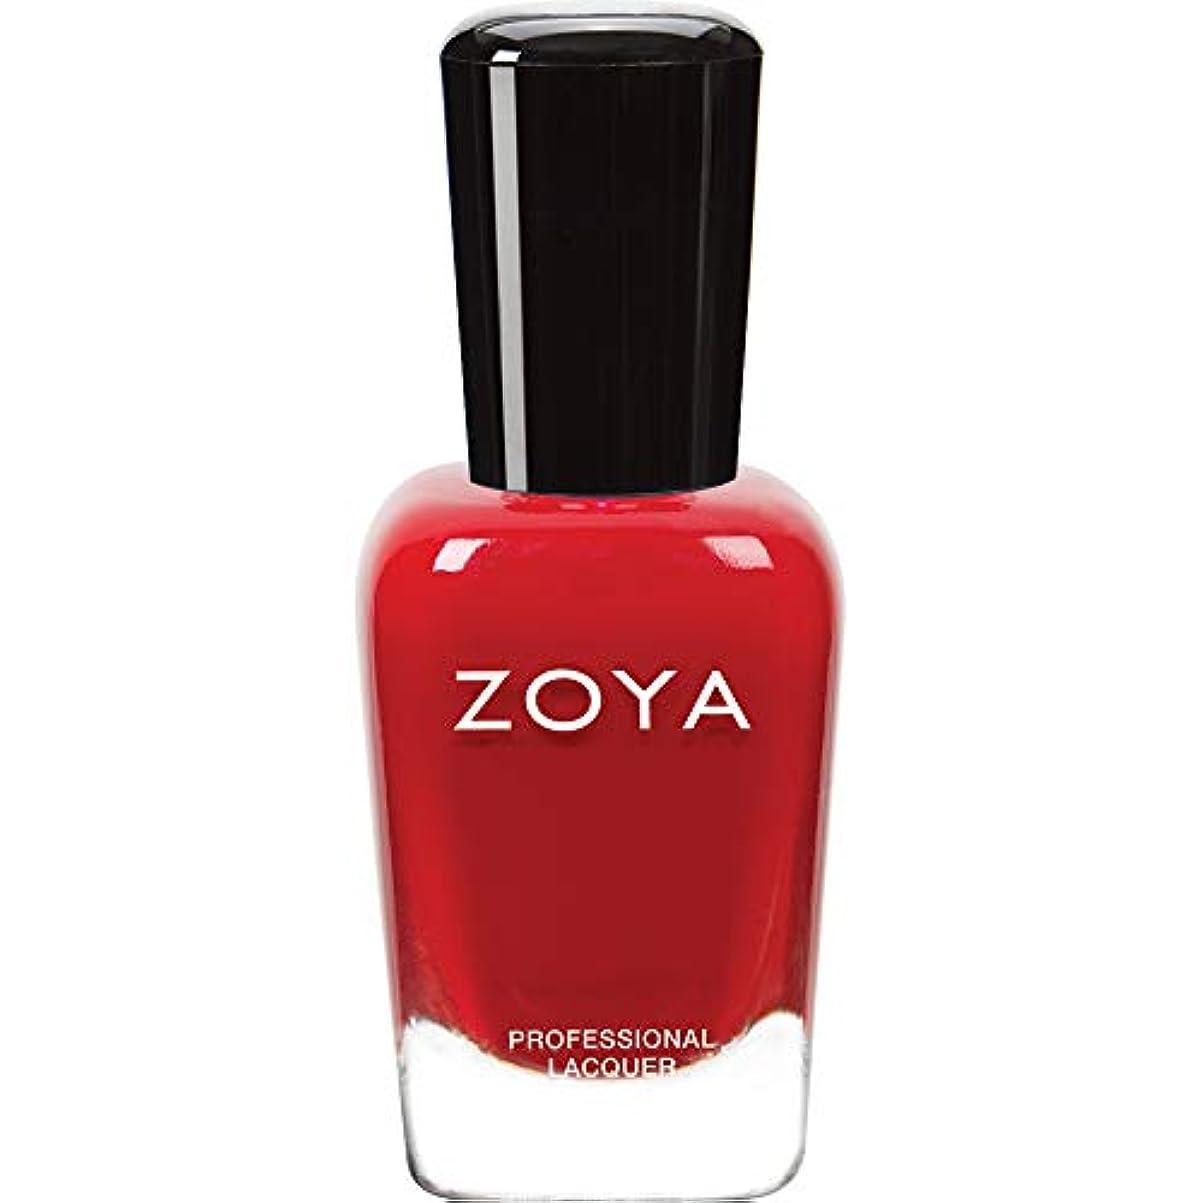 有効化ブランド巻き取りZOYA ゾーヤ ネイルカラーZP001 CARMEN カルメン 15ml 検定カラー 鮮やかなトゥルーレッド マット 爪にやさしいネイルラッカーマニキュア